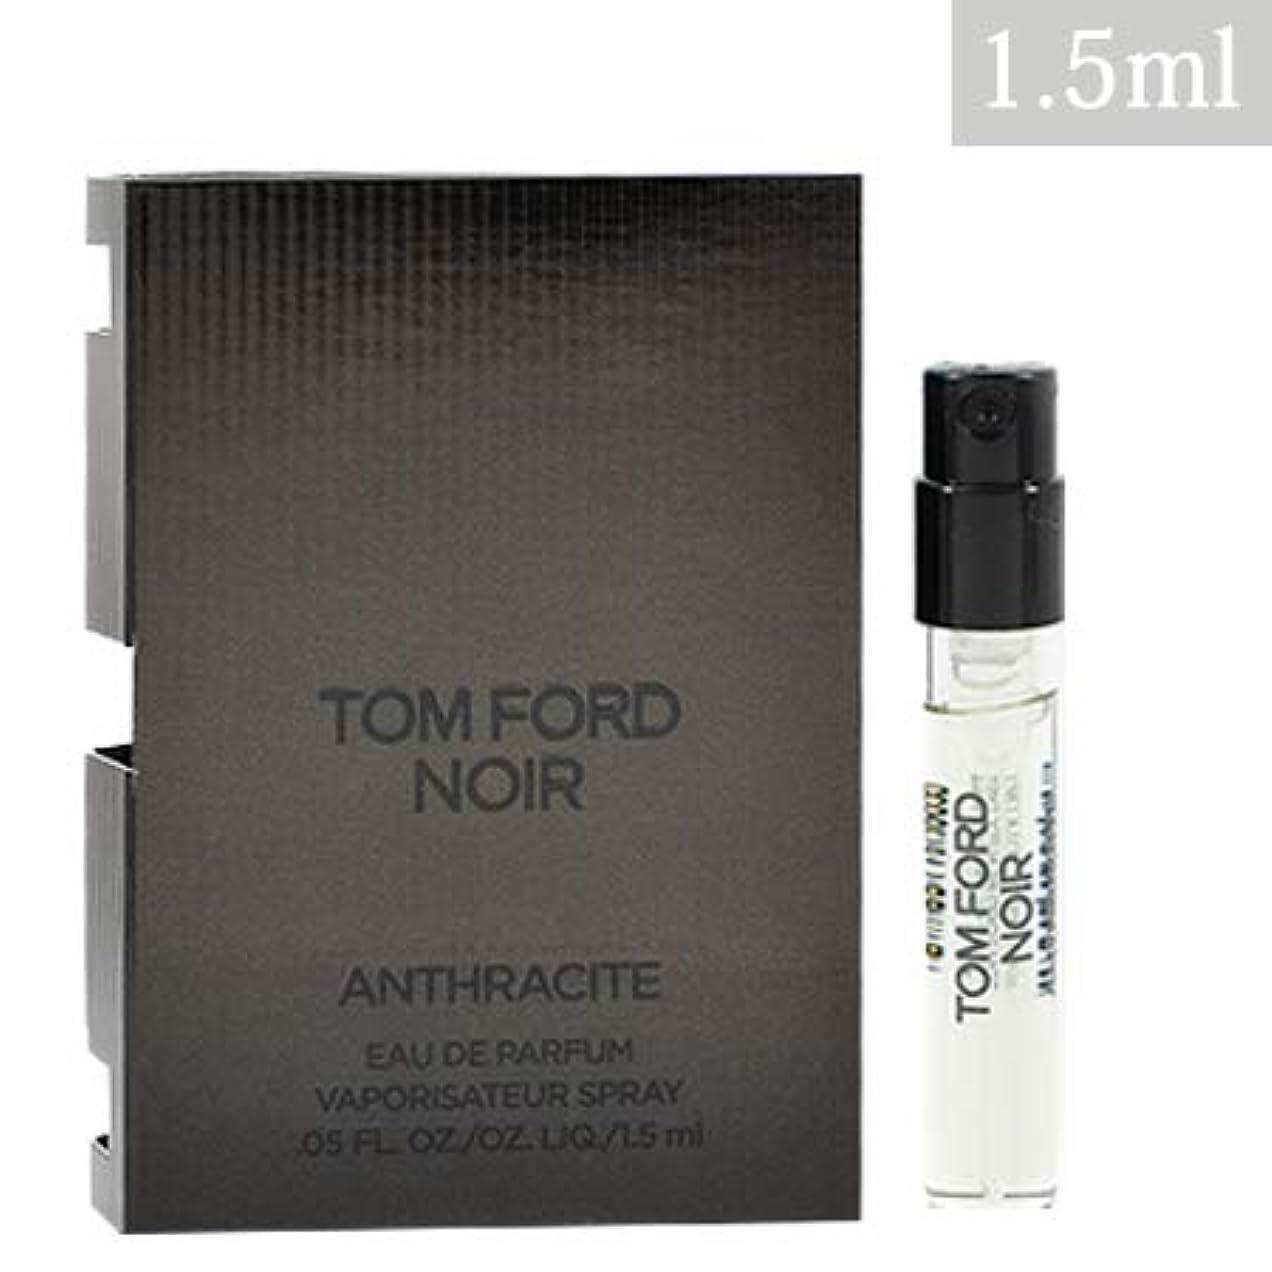 トムフォード ノワール アンスラサイト オードパルファム EDP 1.5ml (ミニチュア) -TOM FORD-